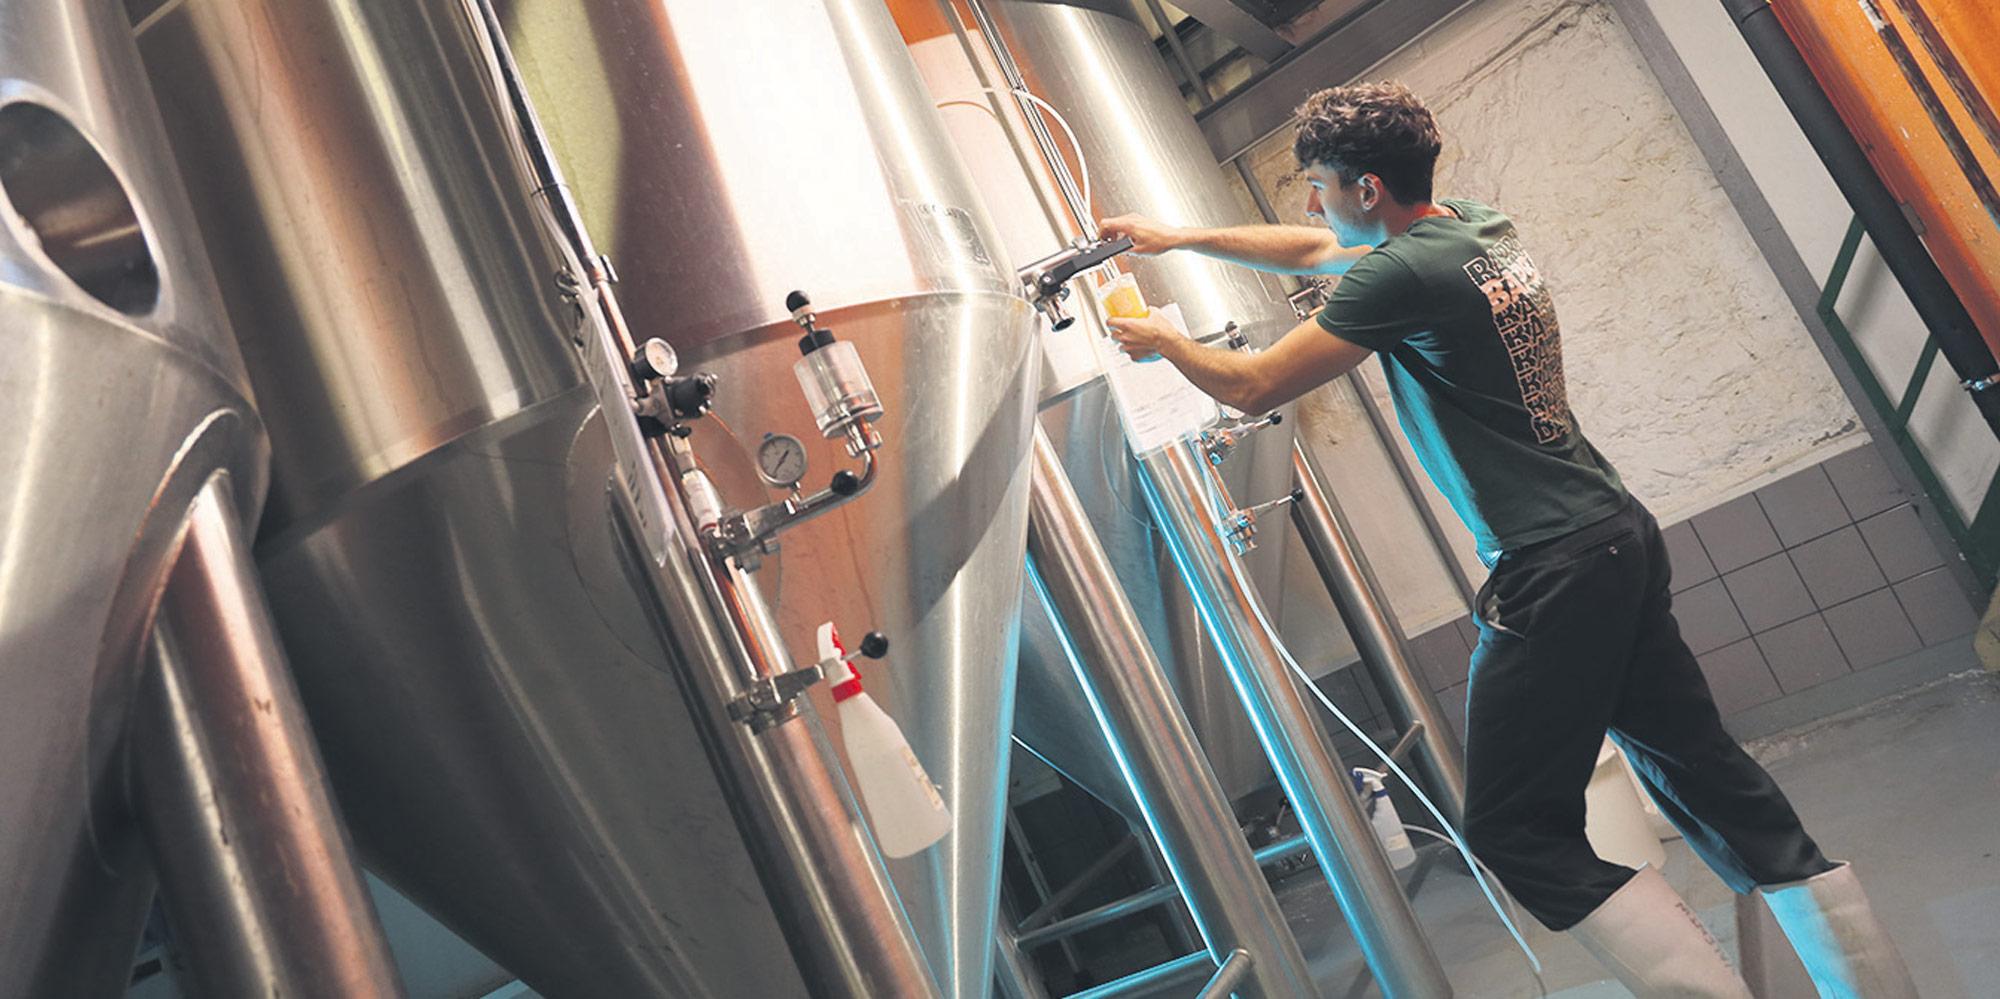 L'Ile-de-France compte aujourd'hui 136 lieux de production de bière contre 2 au début des années 2000